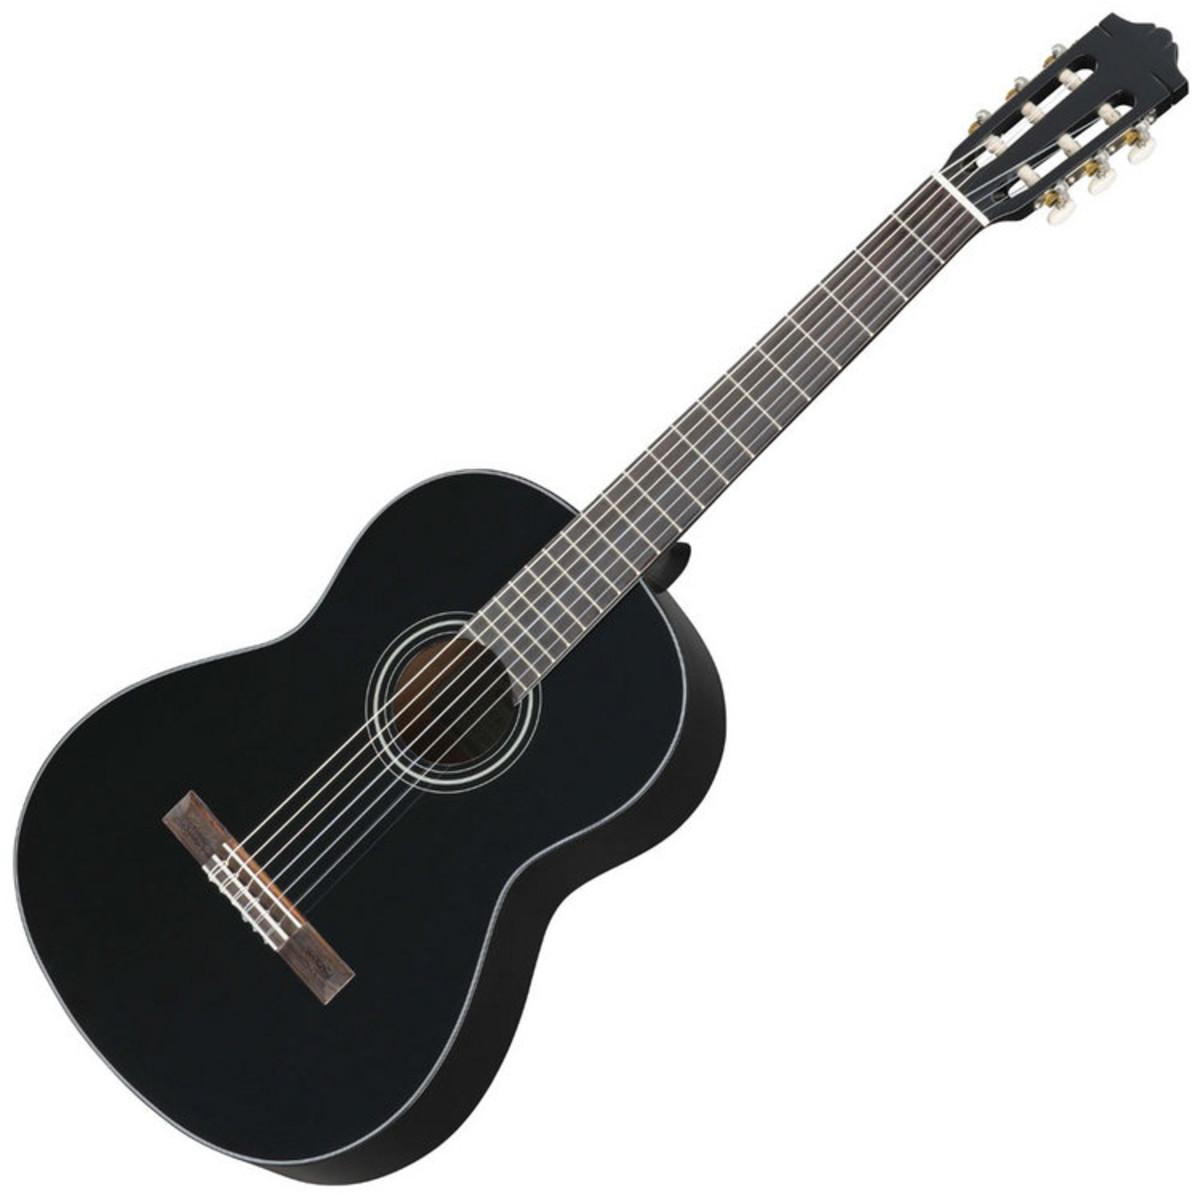 Yamaha C40 guitare acoustique classique, noir à Gear4Music.com